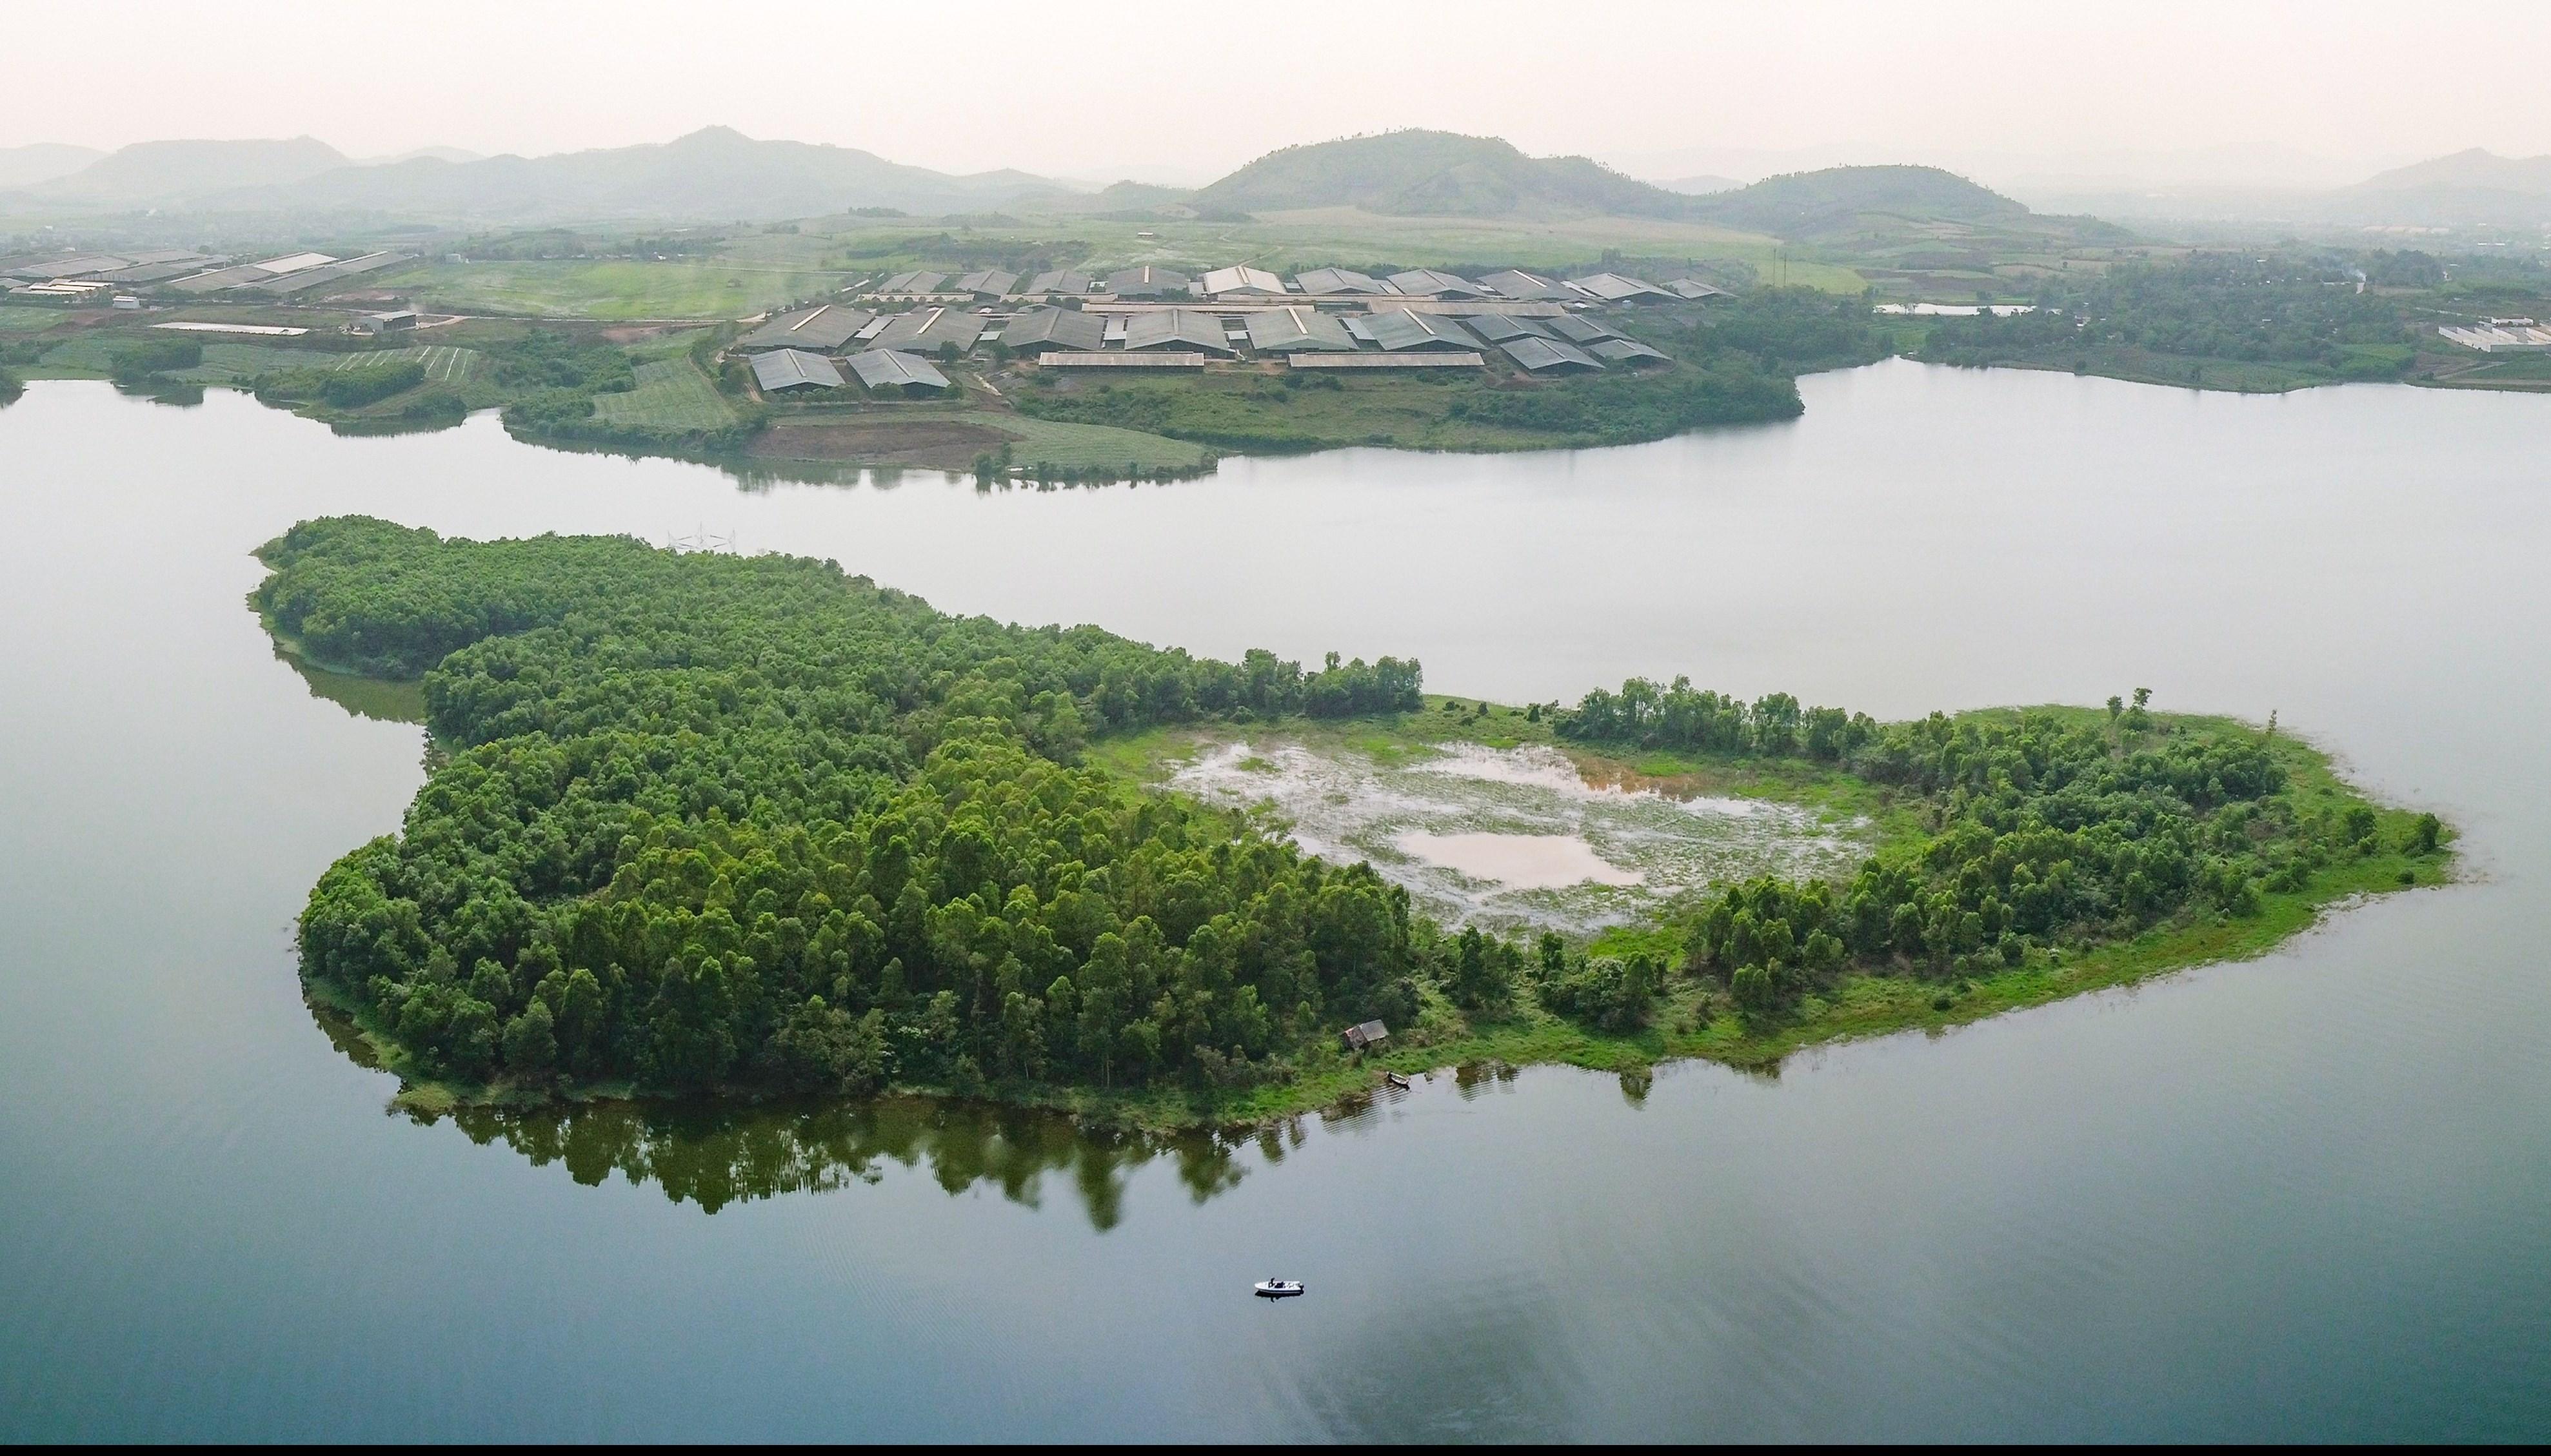 Bao quanh trang trại TH là một không gian xanh với sông nước, cỏ cây… tạo thành một bức tranh thủy mặc, cùng với hệ thống pin điện mặt trời được lắp đặt trên những mái nhà trang trại, TH đang nỗ lực gìn giữ môi trường trong lành